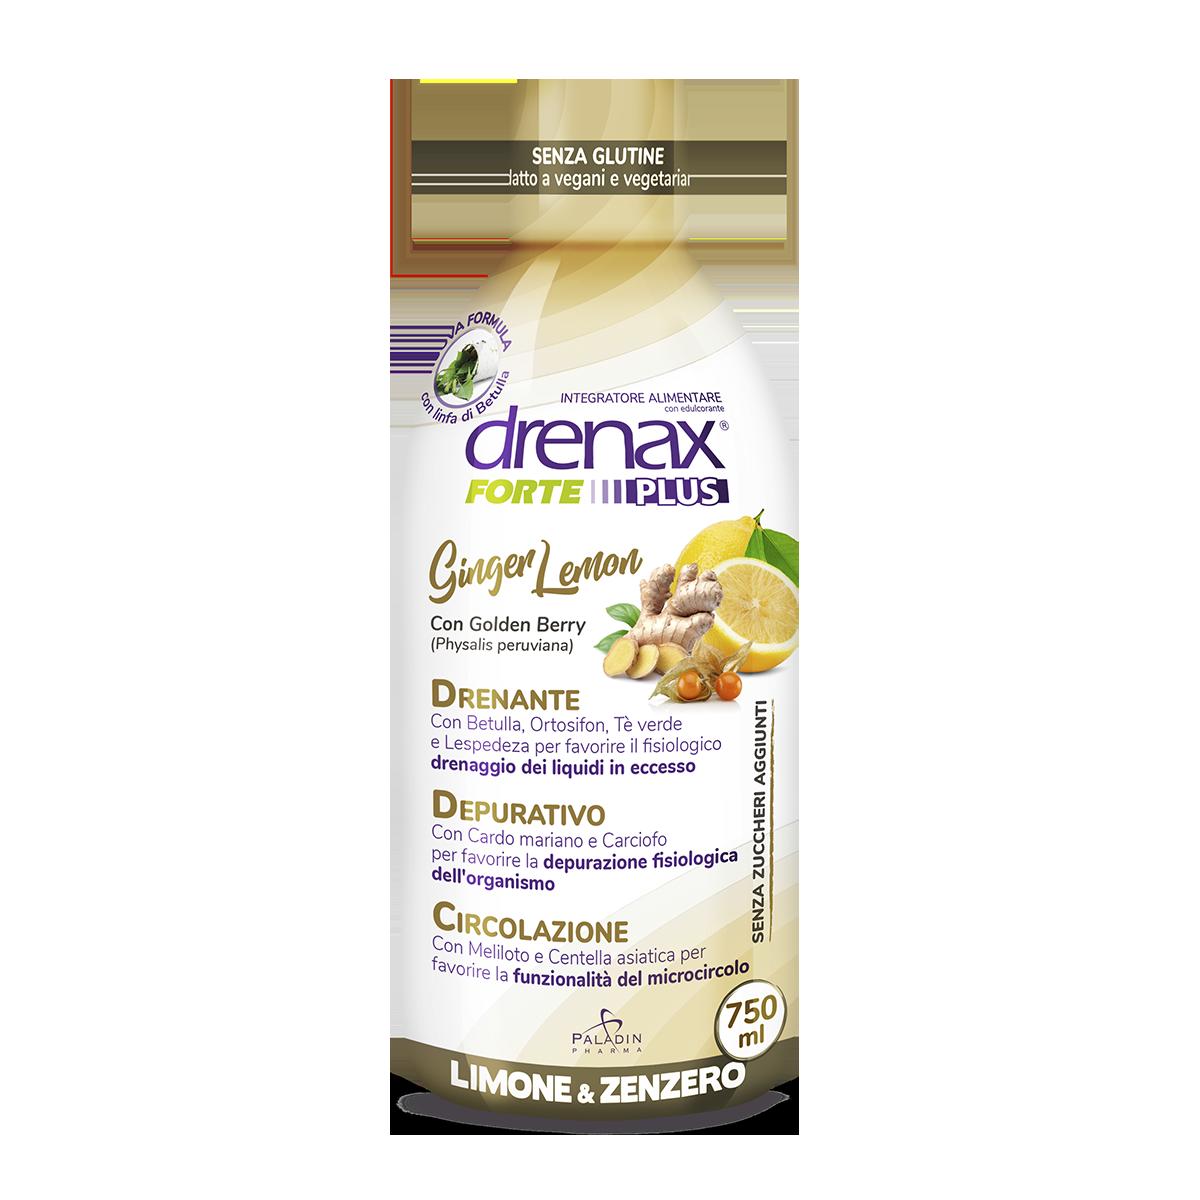 Drenax Forte Ginger Lemon 750ml